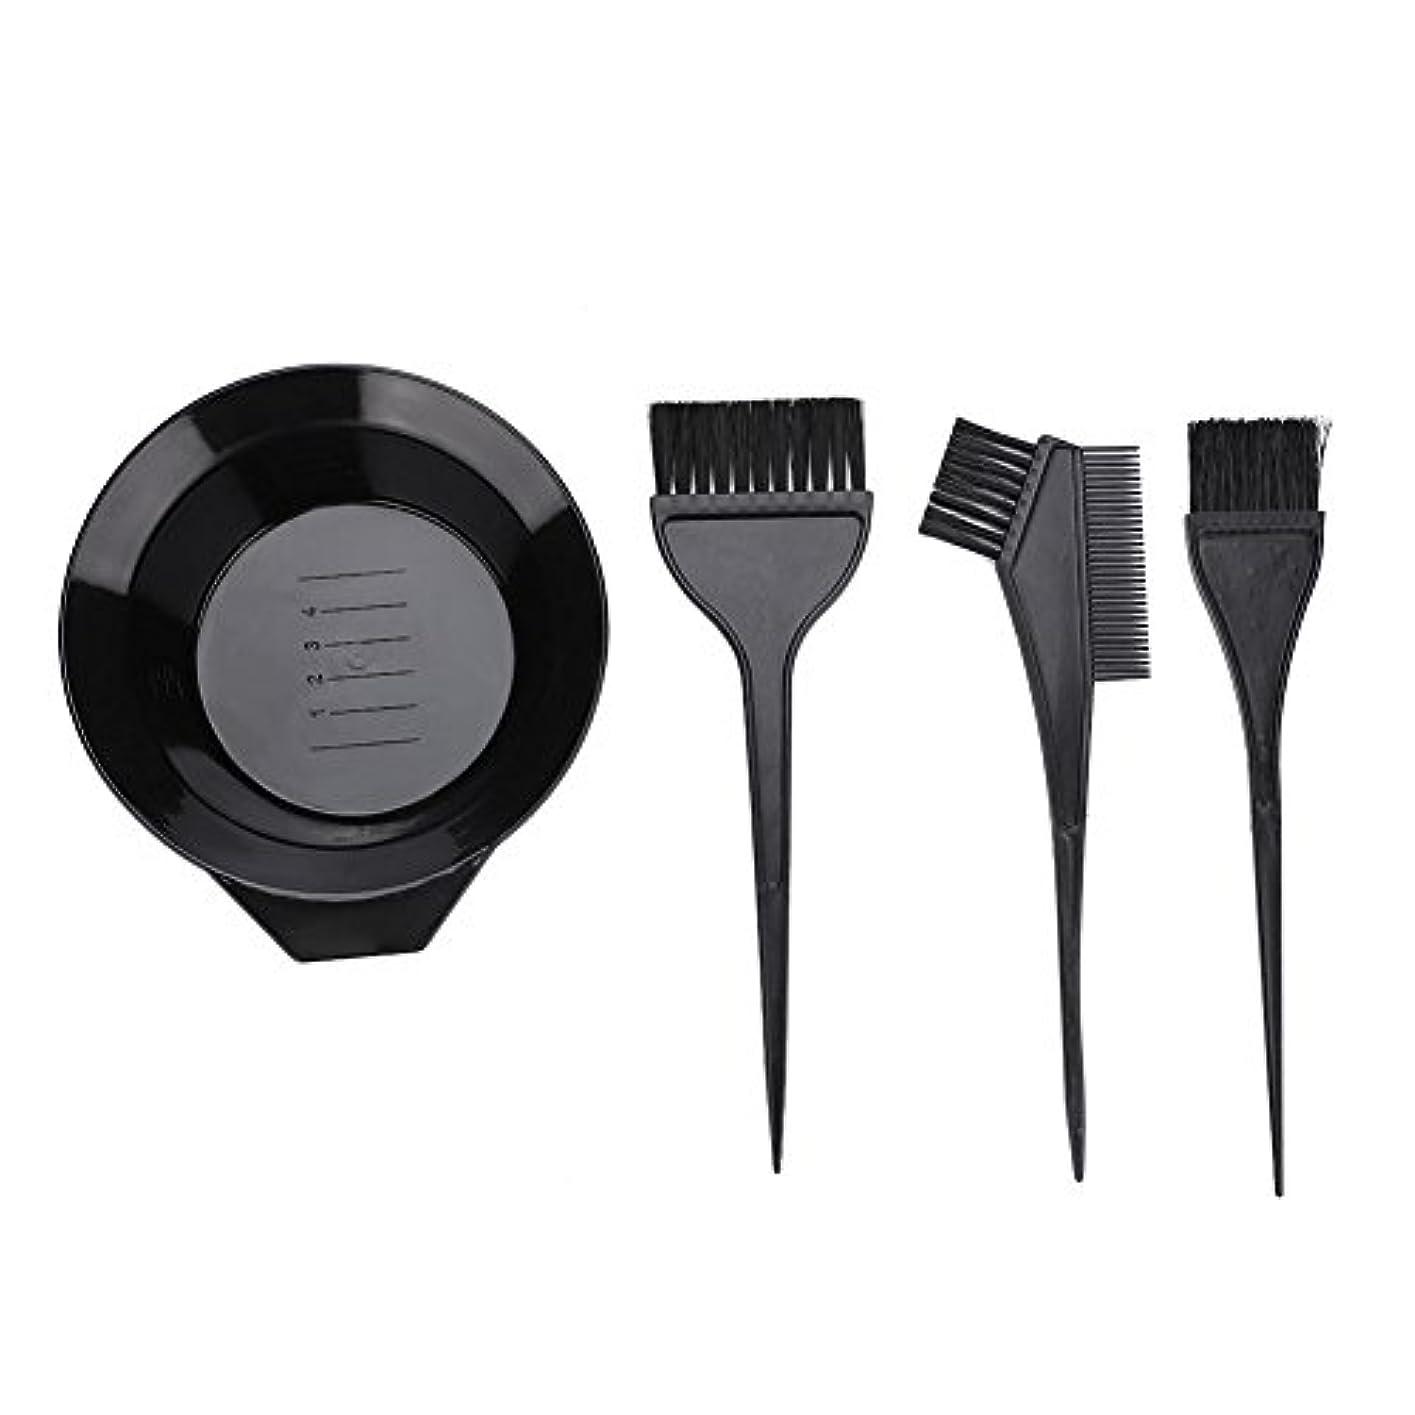 パニックスティーブンソンショッキング4本のヘアカラーリングツールセット、プロフェッショナルヘアサロン染色パーマツール